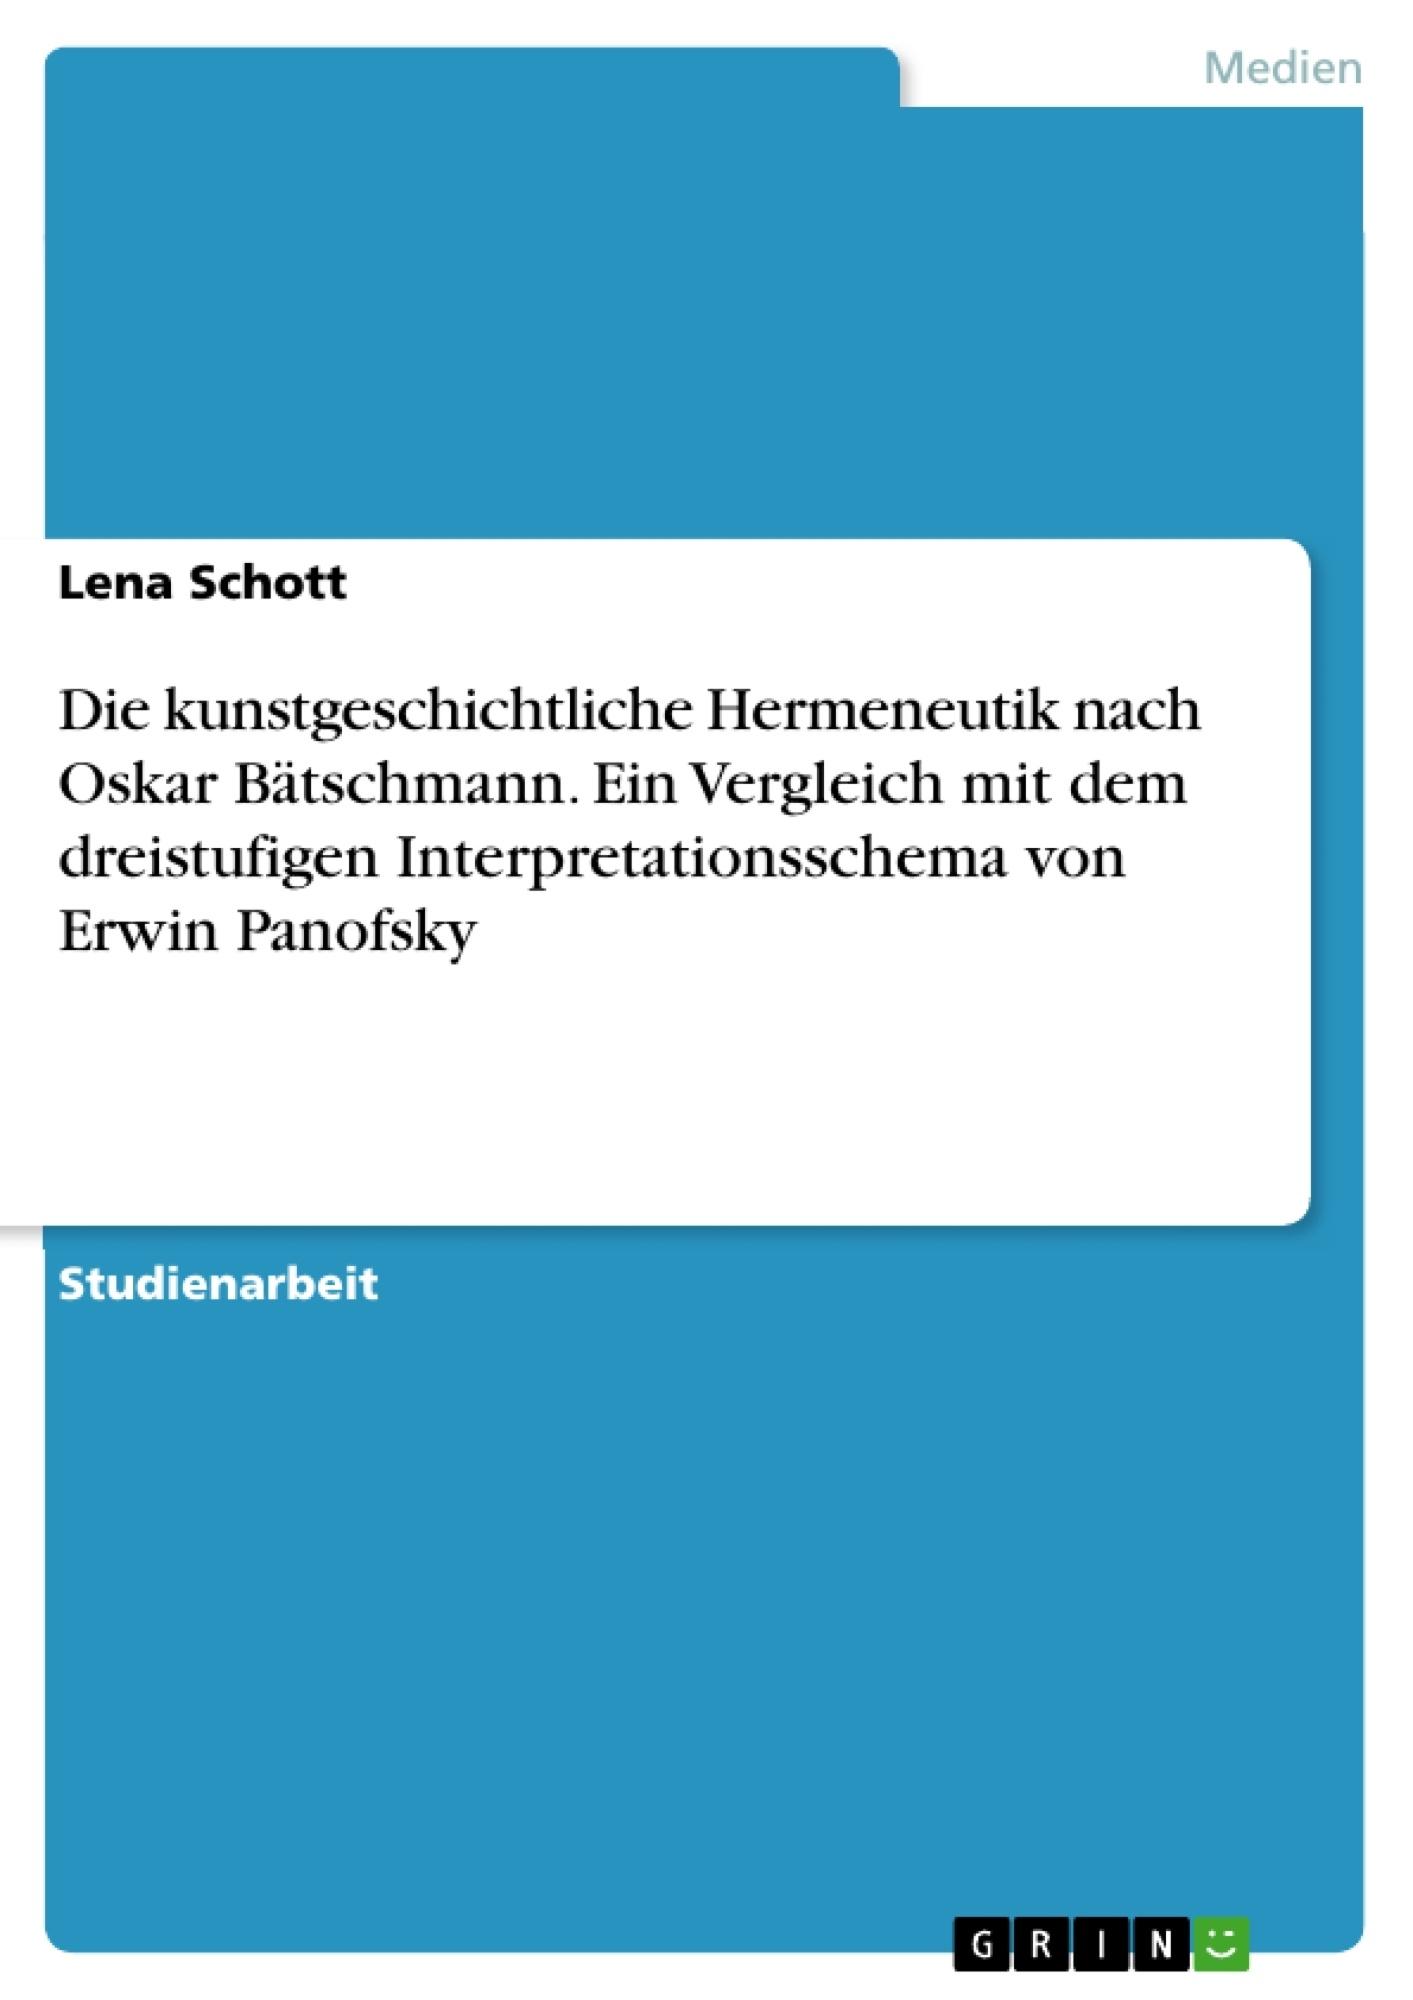 Titel: Die kunstgeschichtliche Hermeneutik nach Oskar Bätschmann. Ein Vergleich mit dem dreistufigen Interpretationsschema von Erwin Panofsky